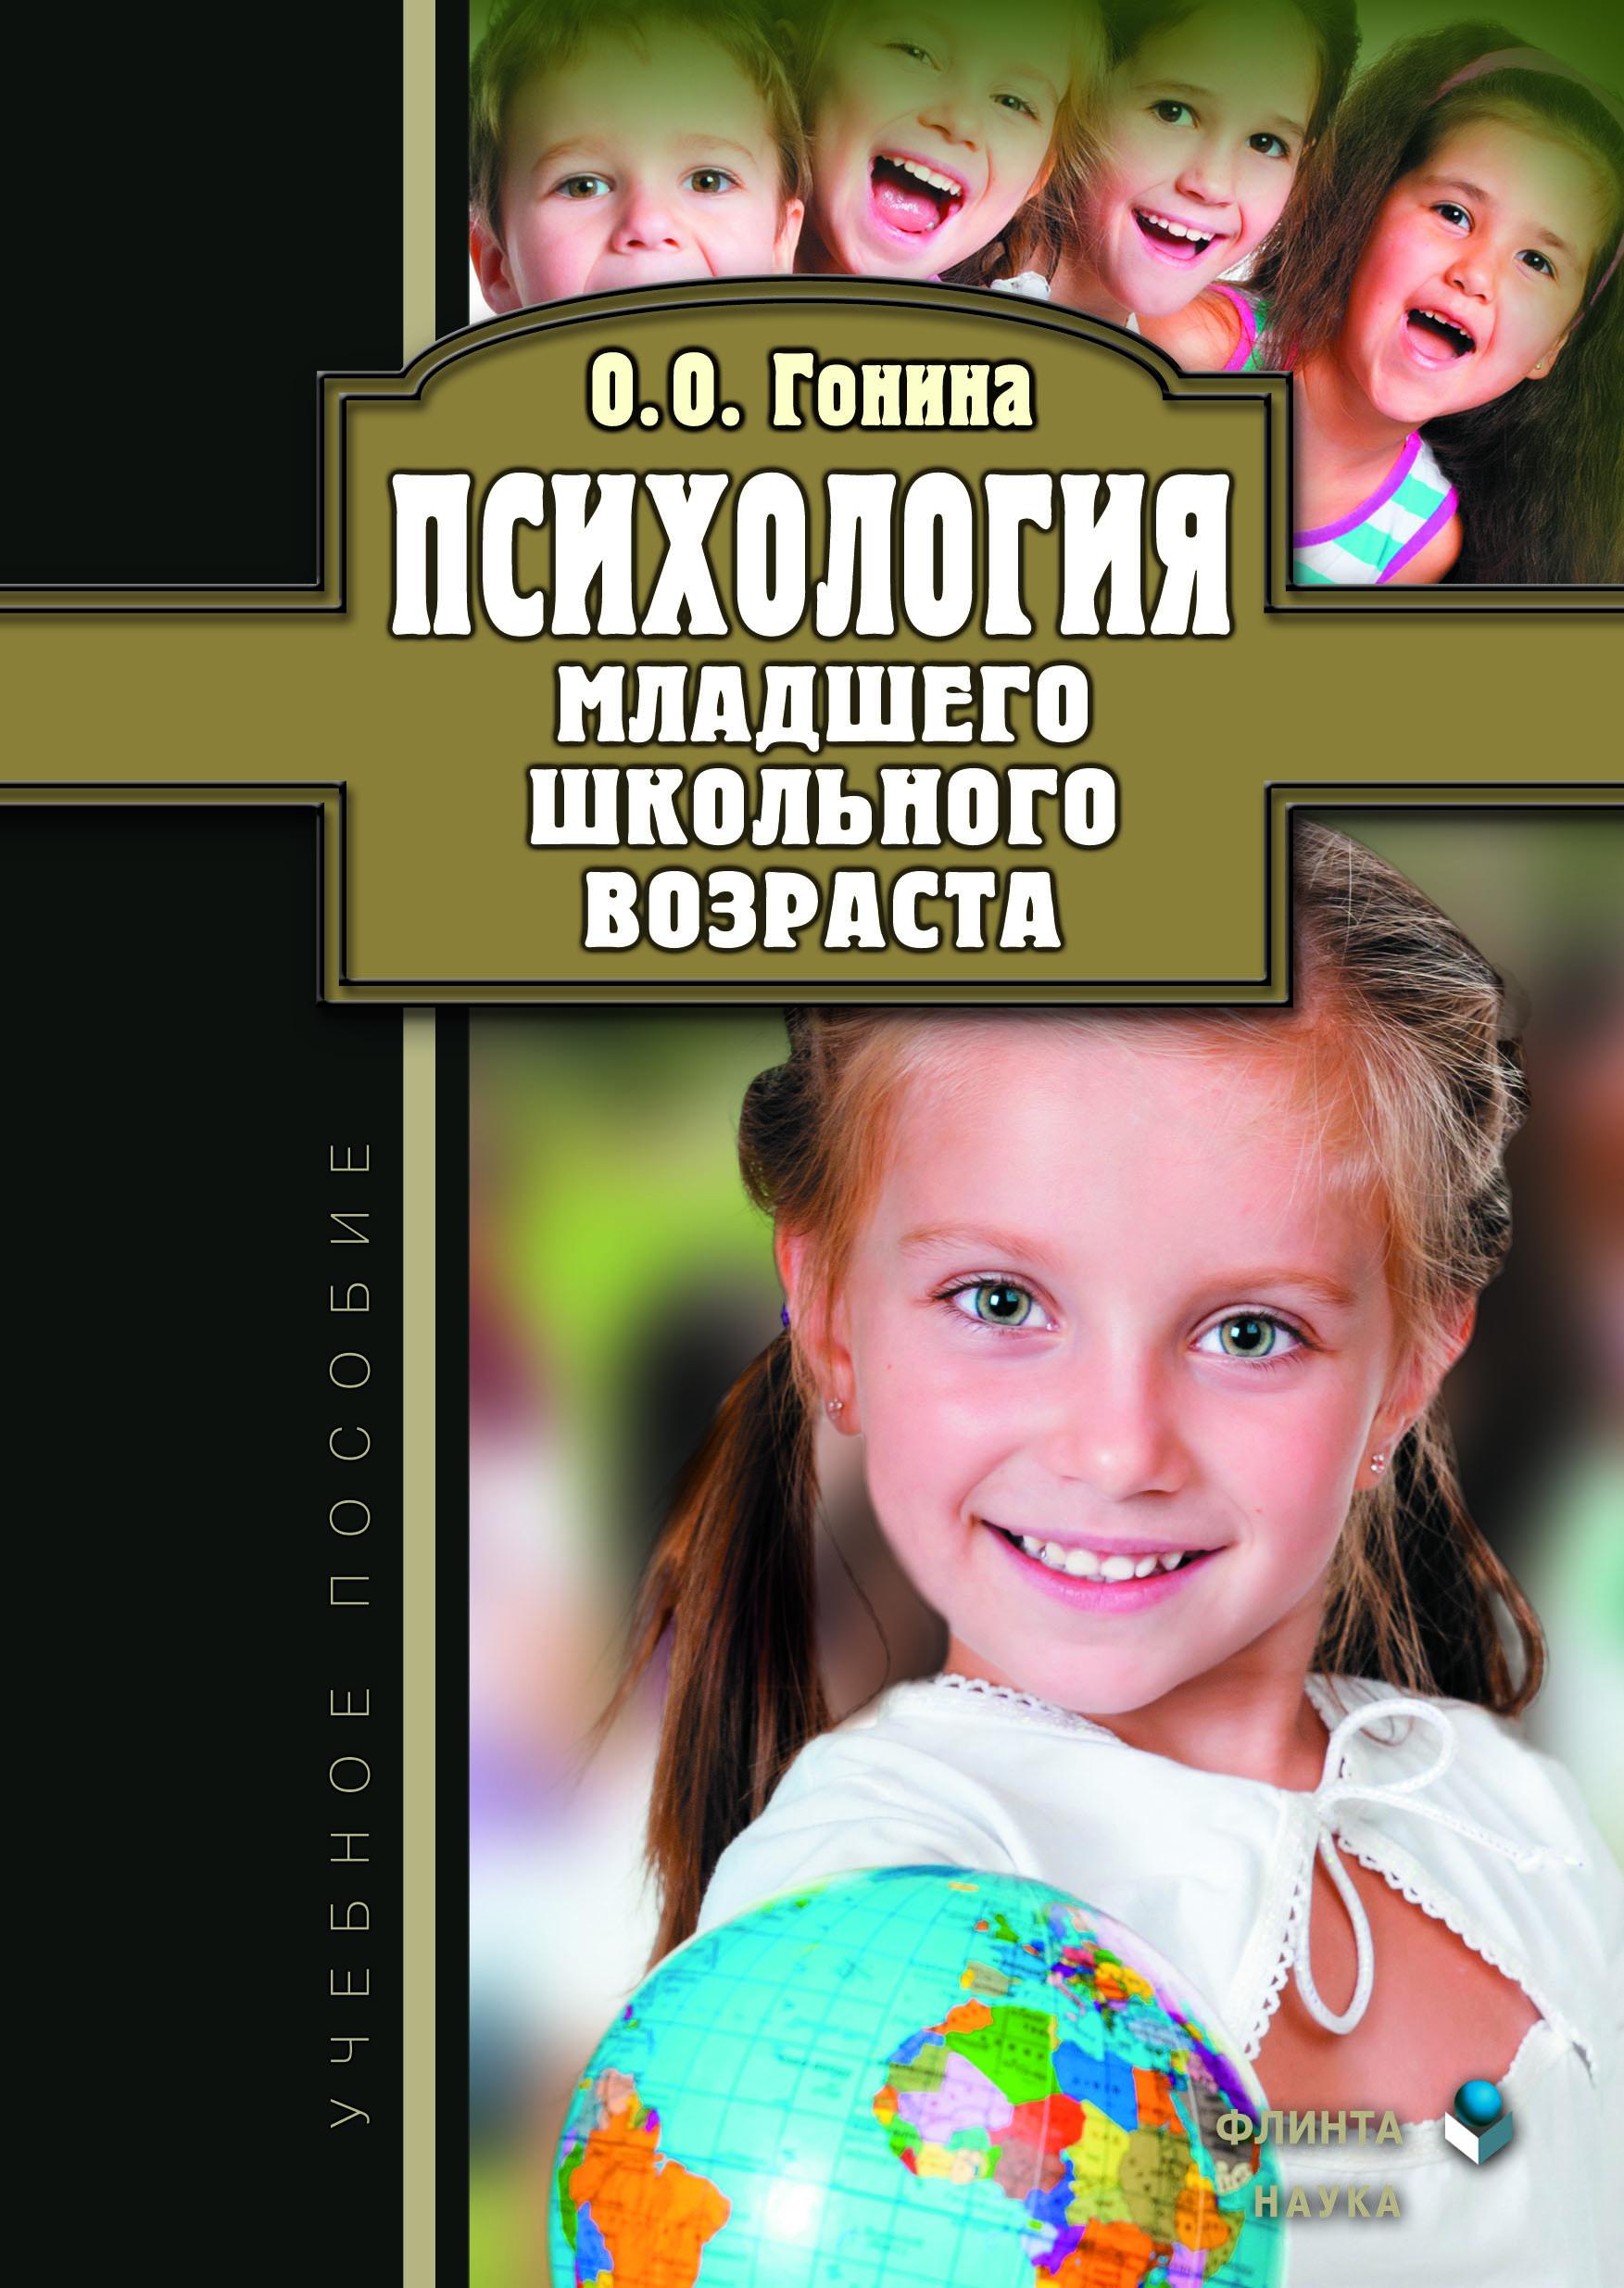 Психология младшего школьного возраста: учебное пособие Гонина